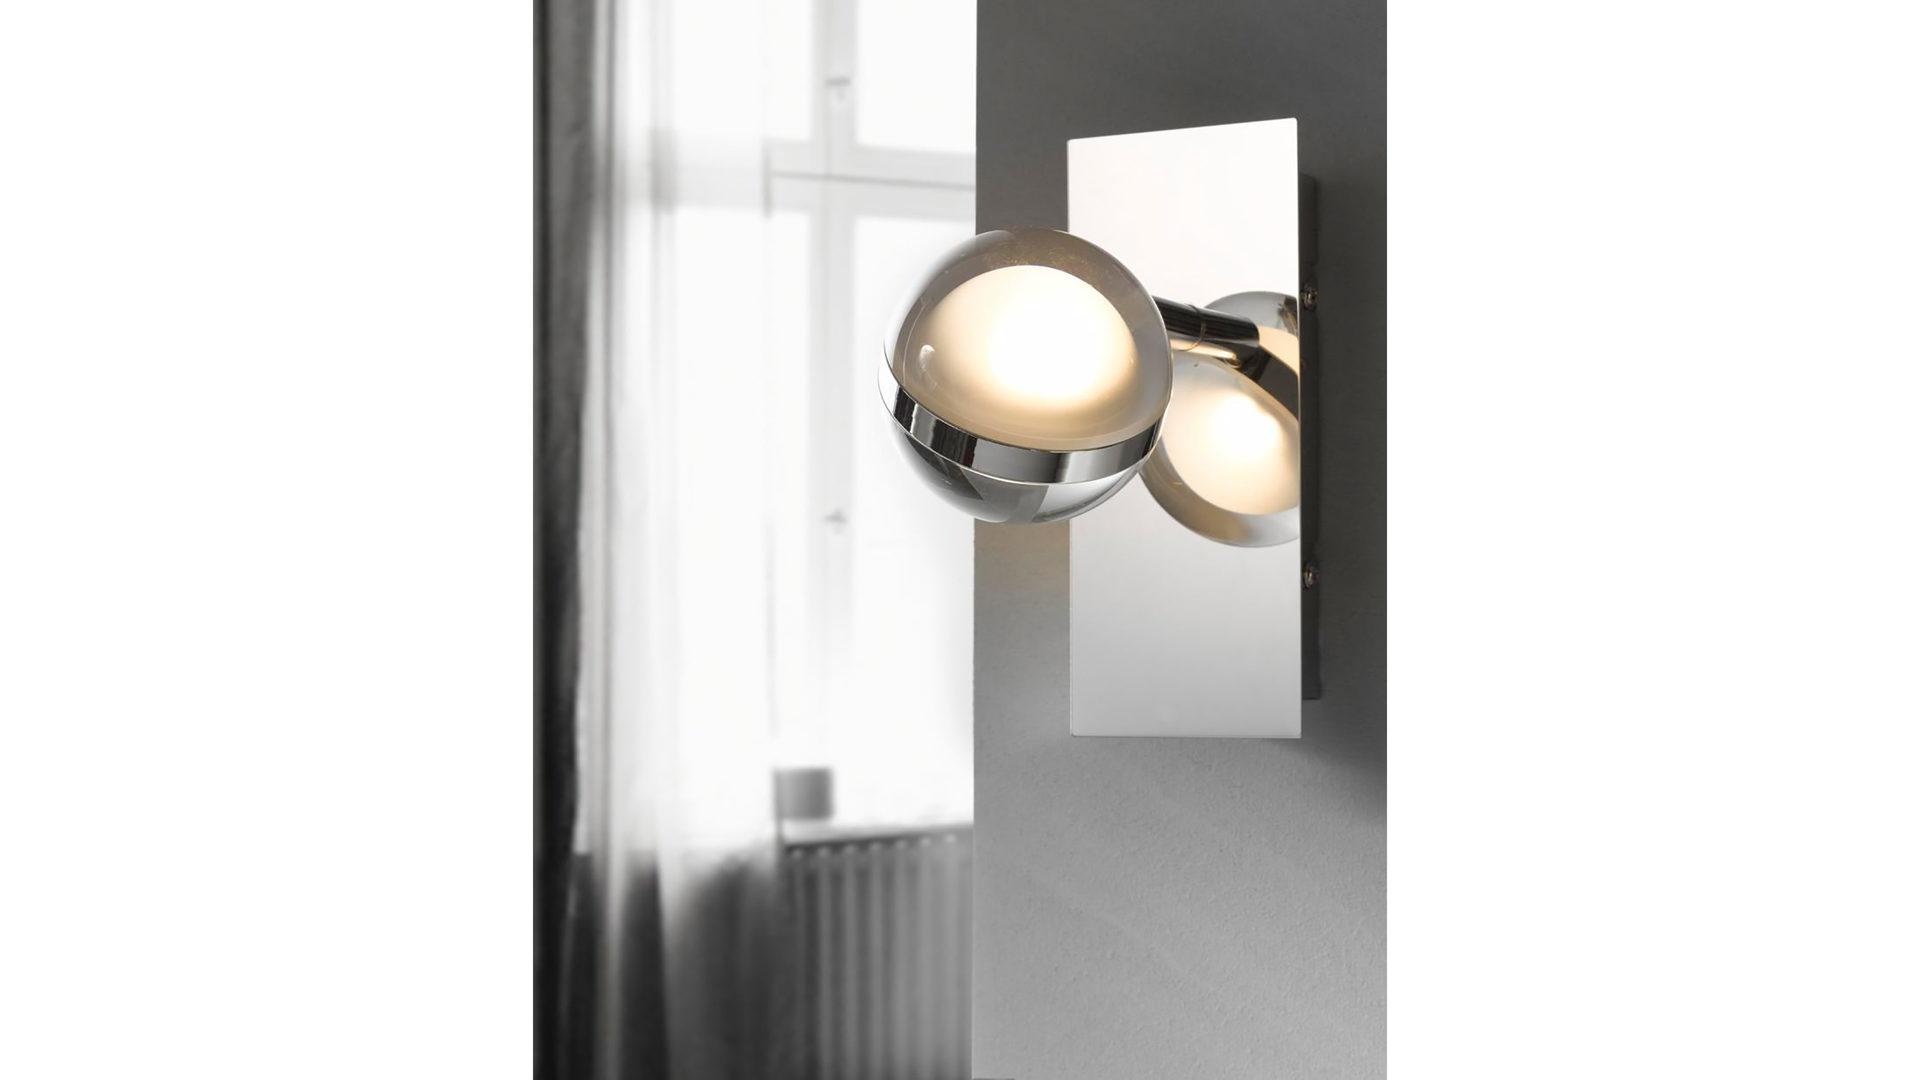 Moderne Lampen 16 : Moderne wandleuchte wohnzimmer # verschiedene ideen zur